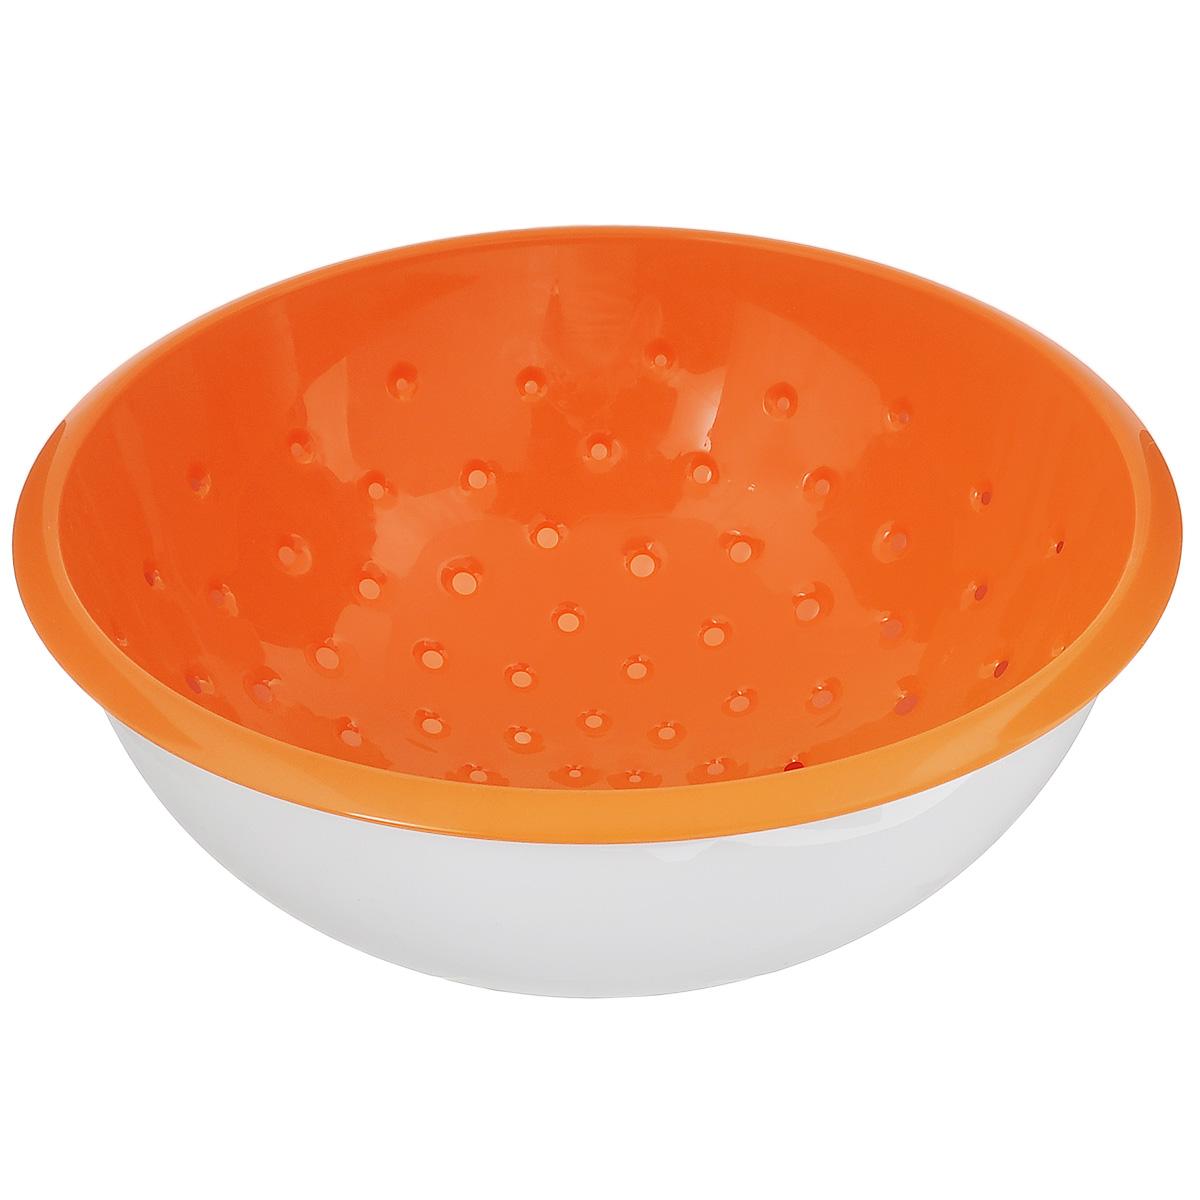 Дуршлаг Tescoma Vitamino, с чашкой, цвет: белый, оранжевый, диаметр 28 см115510Дуршлаг Tescoma Vitamino изготовлен из высокопрочного пищевого пластика. Отлично подходит для ополаскивания овощей и фруктов под проточной водой, оставшаяся вода на продуктах стекает в чашу. Обе емкости могут быть использованы отдельно: чаша для приготовления и сервировки салатов или порций фруктов, дуршлаг - для сцеживания макарон, картофеля и многого другого. Подходит для мытья в посудомоечной машине и для хранения пищи в холодильнике. Диаметр дуршлага: 28 см. Объем чаши: 5 л. Высота стенки: 13 см.